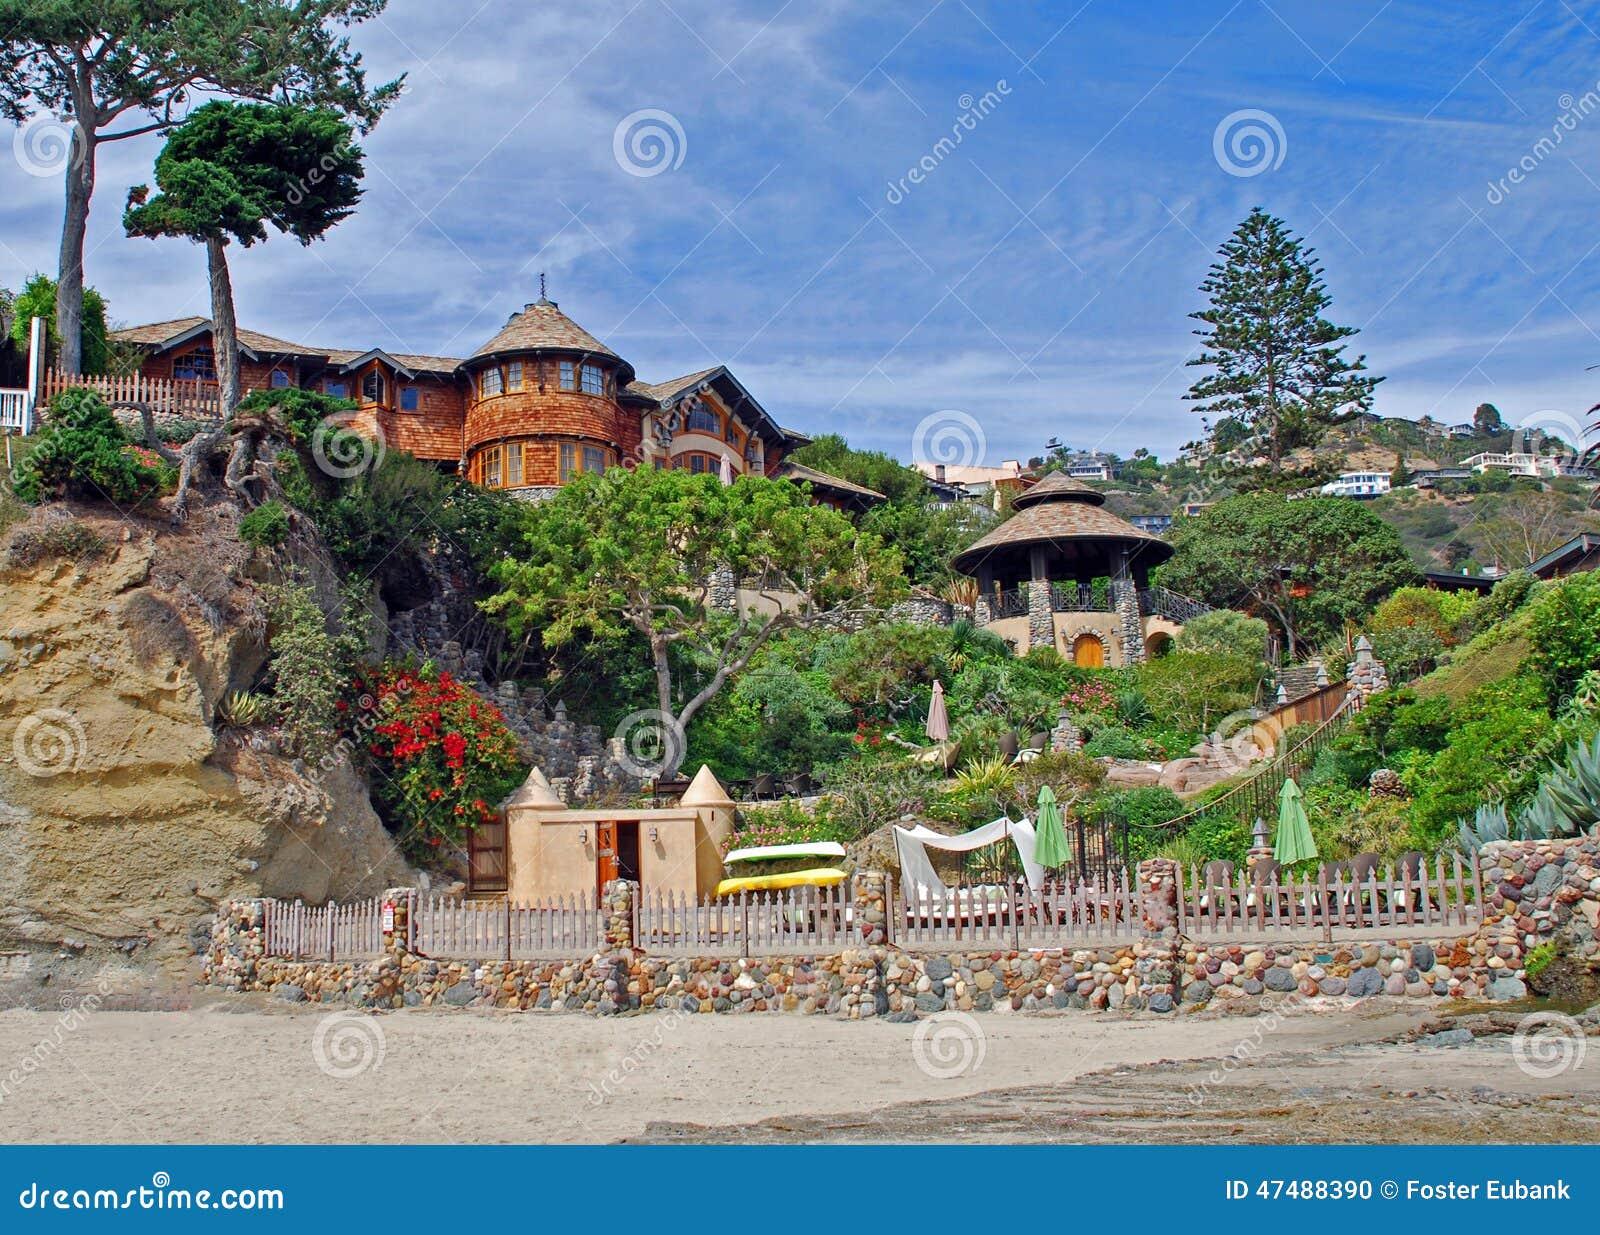 Hillside Home Plans Beach Home At Victoria Beach Laguna Beach Ca Stock